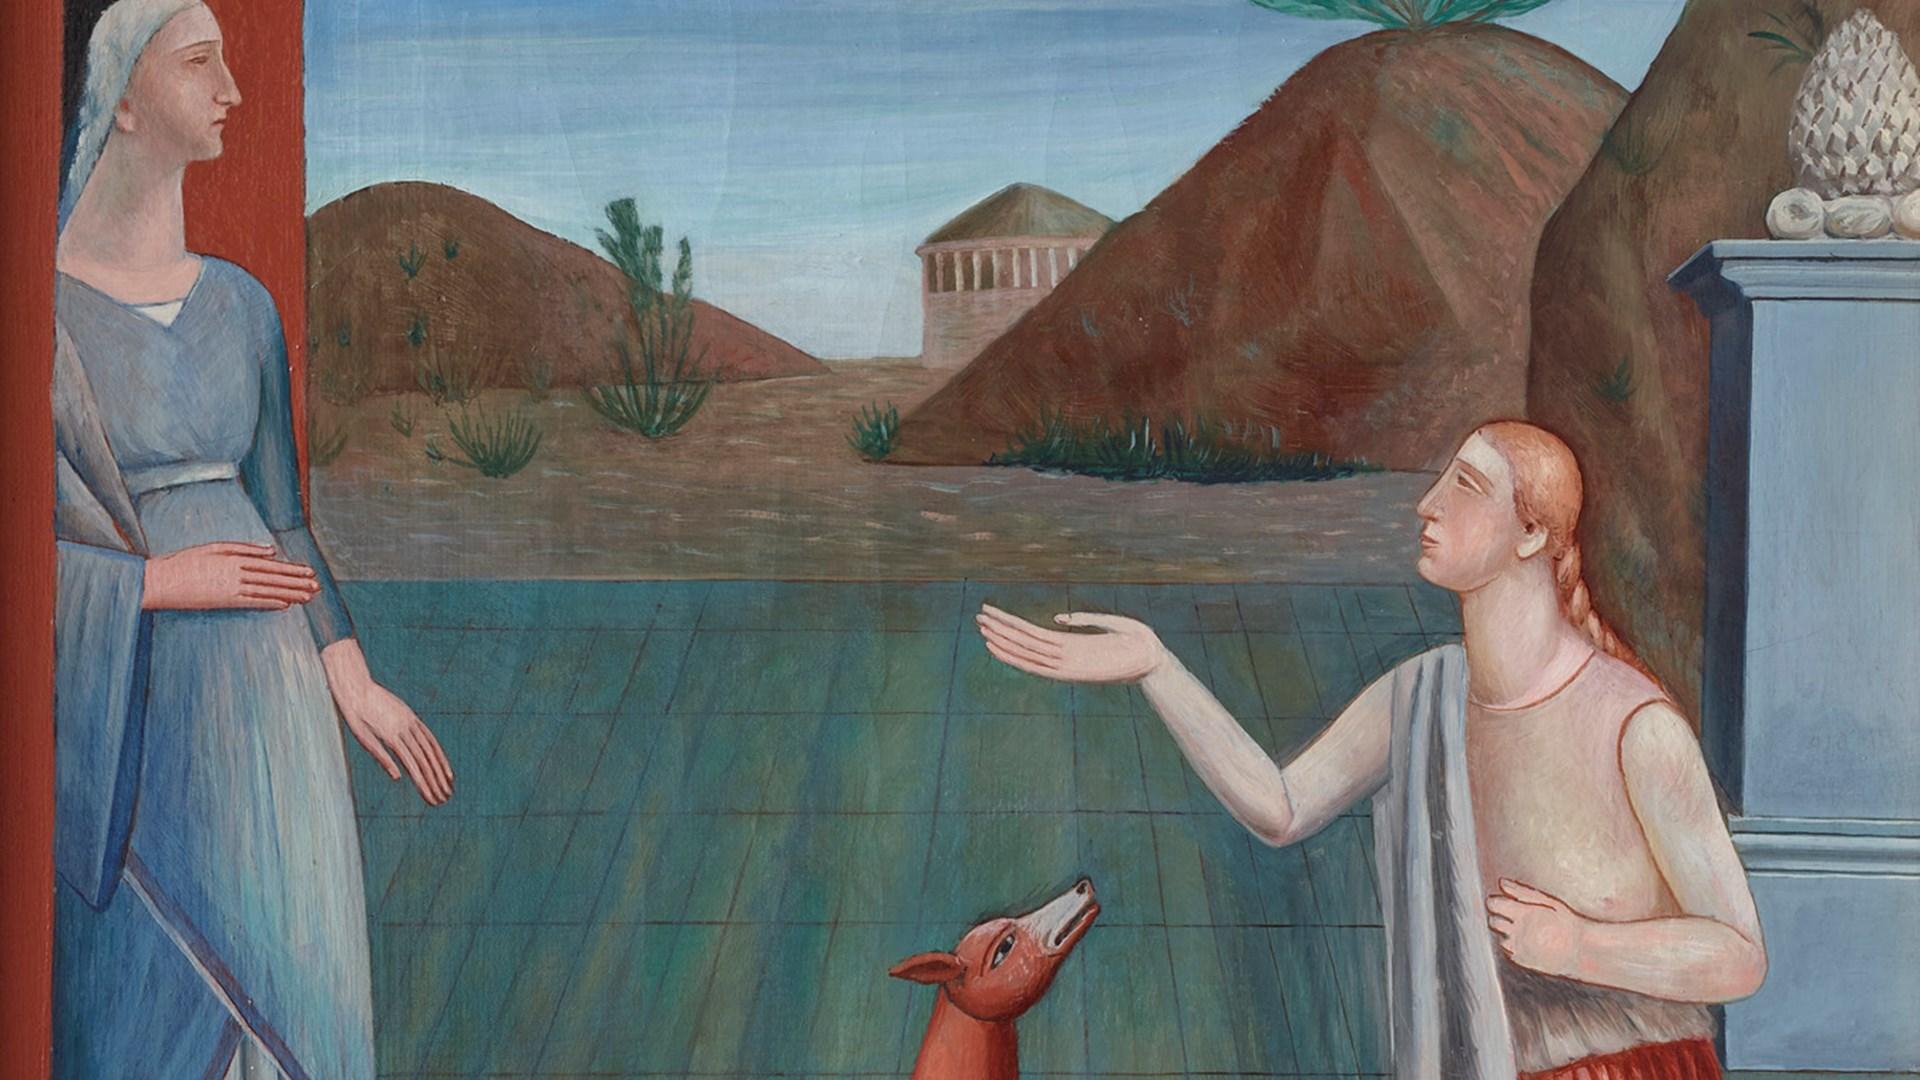 """Carlo Carrà, """"Le figlie di Loth"""" (dettaglio), 1919, olio su tela, Mart, Collezione VAF-Stiftung"""